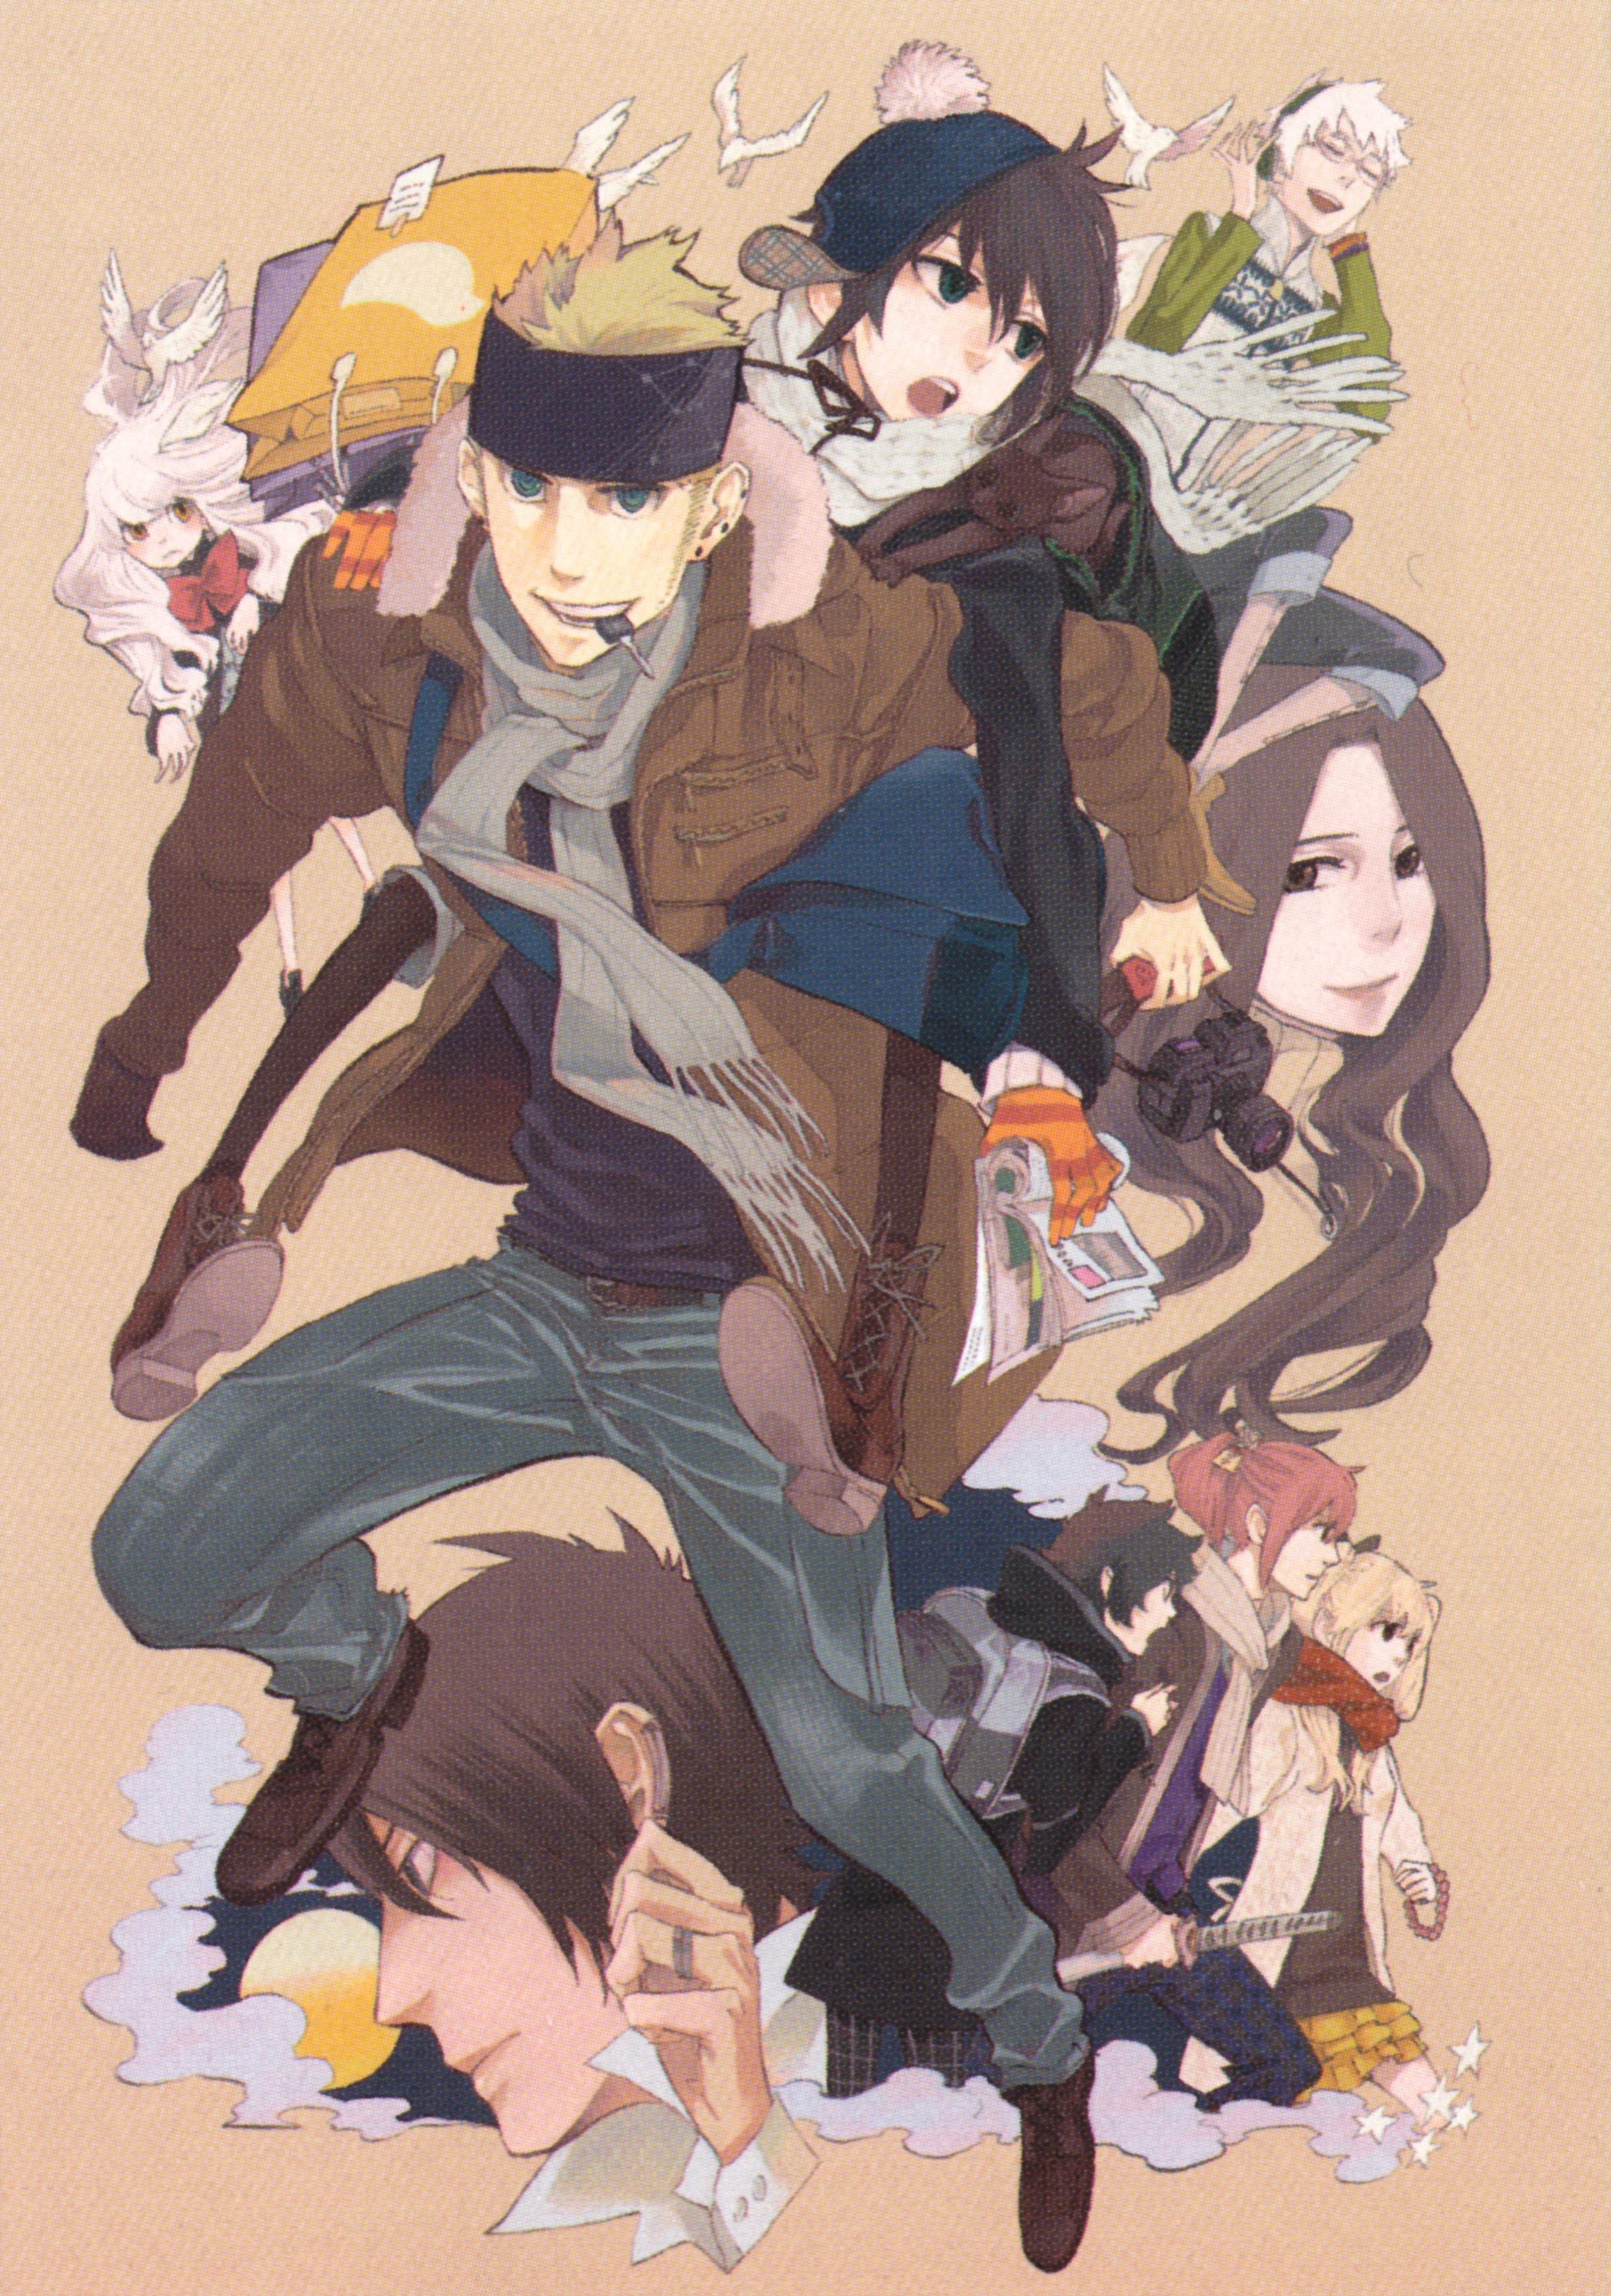 nabari no ou anime vs manga